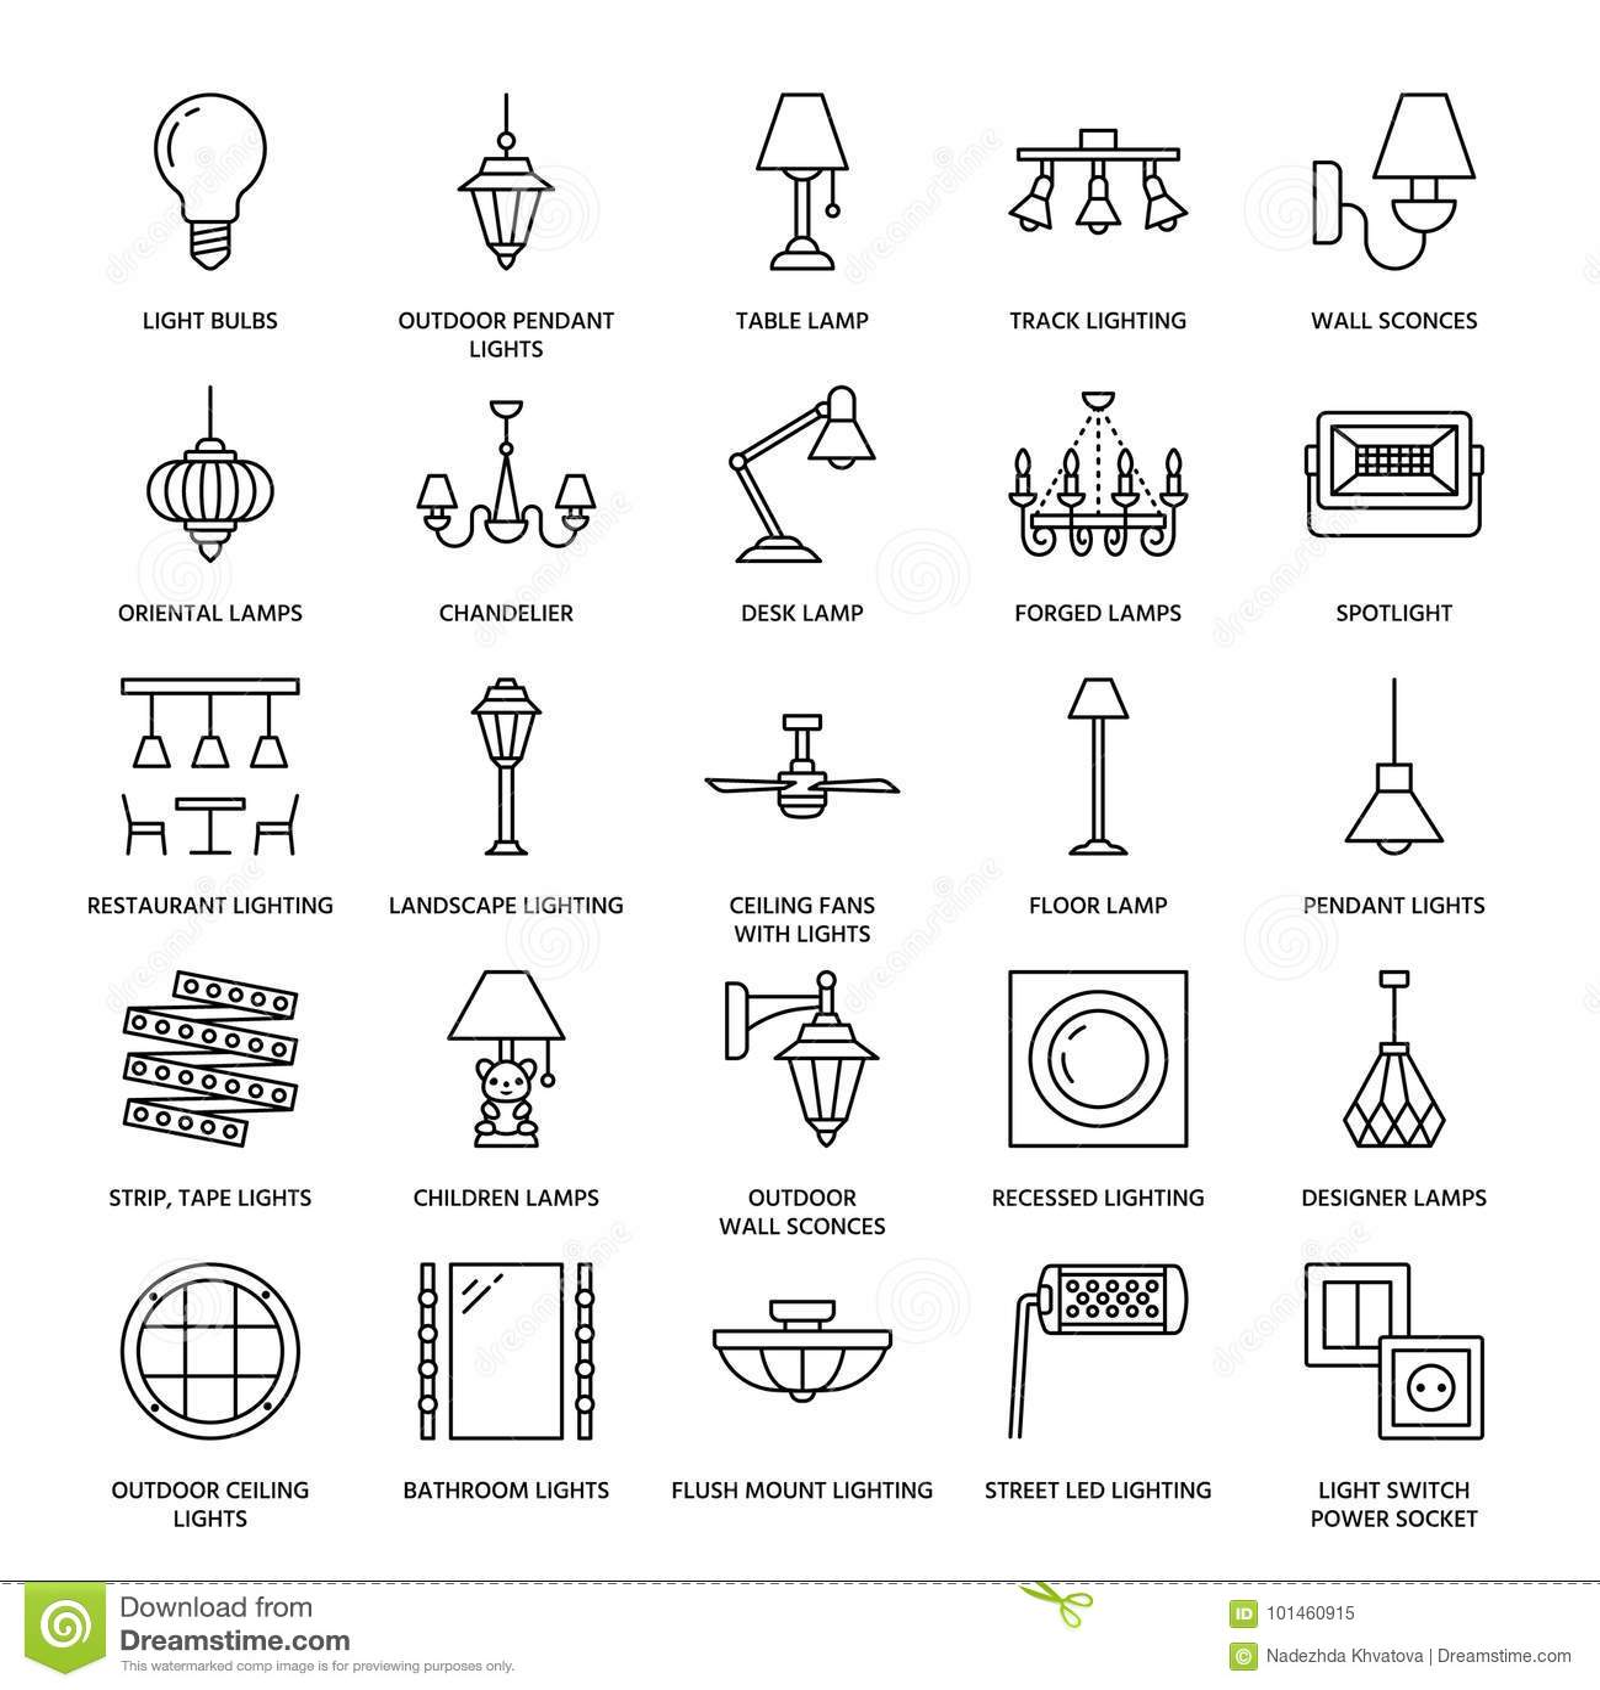 Det ljusa fasta tillbehöret, lampor sänker linjen symboler Hem- och utomhus- belysningsutrustning - ljuskrona, vägglampett, skriv